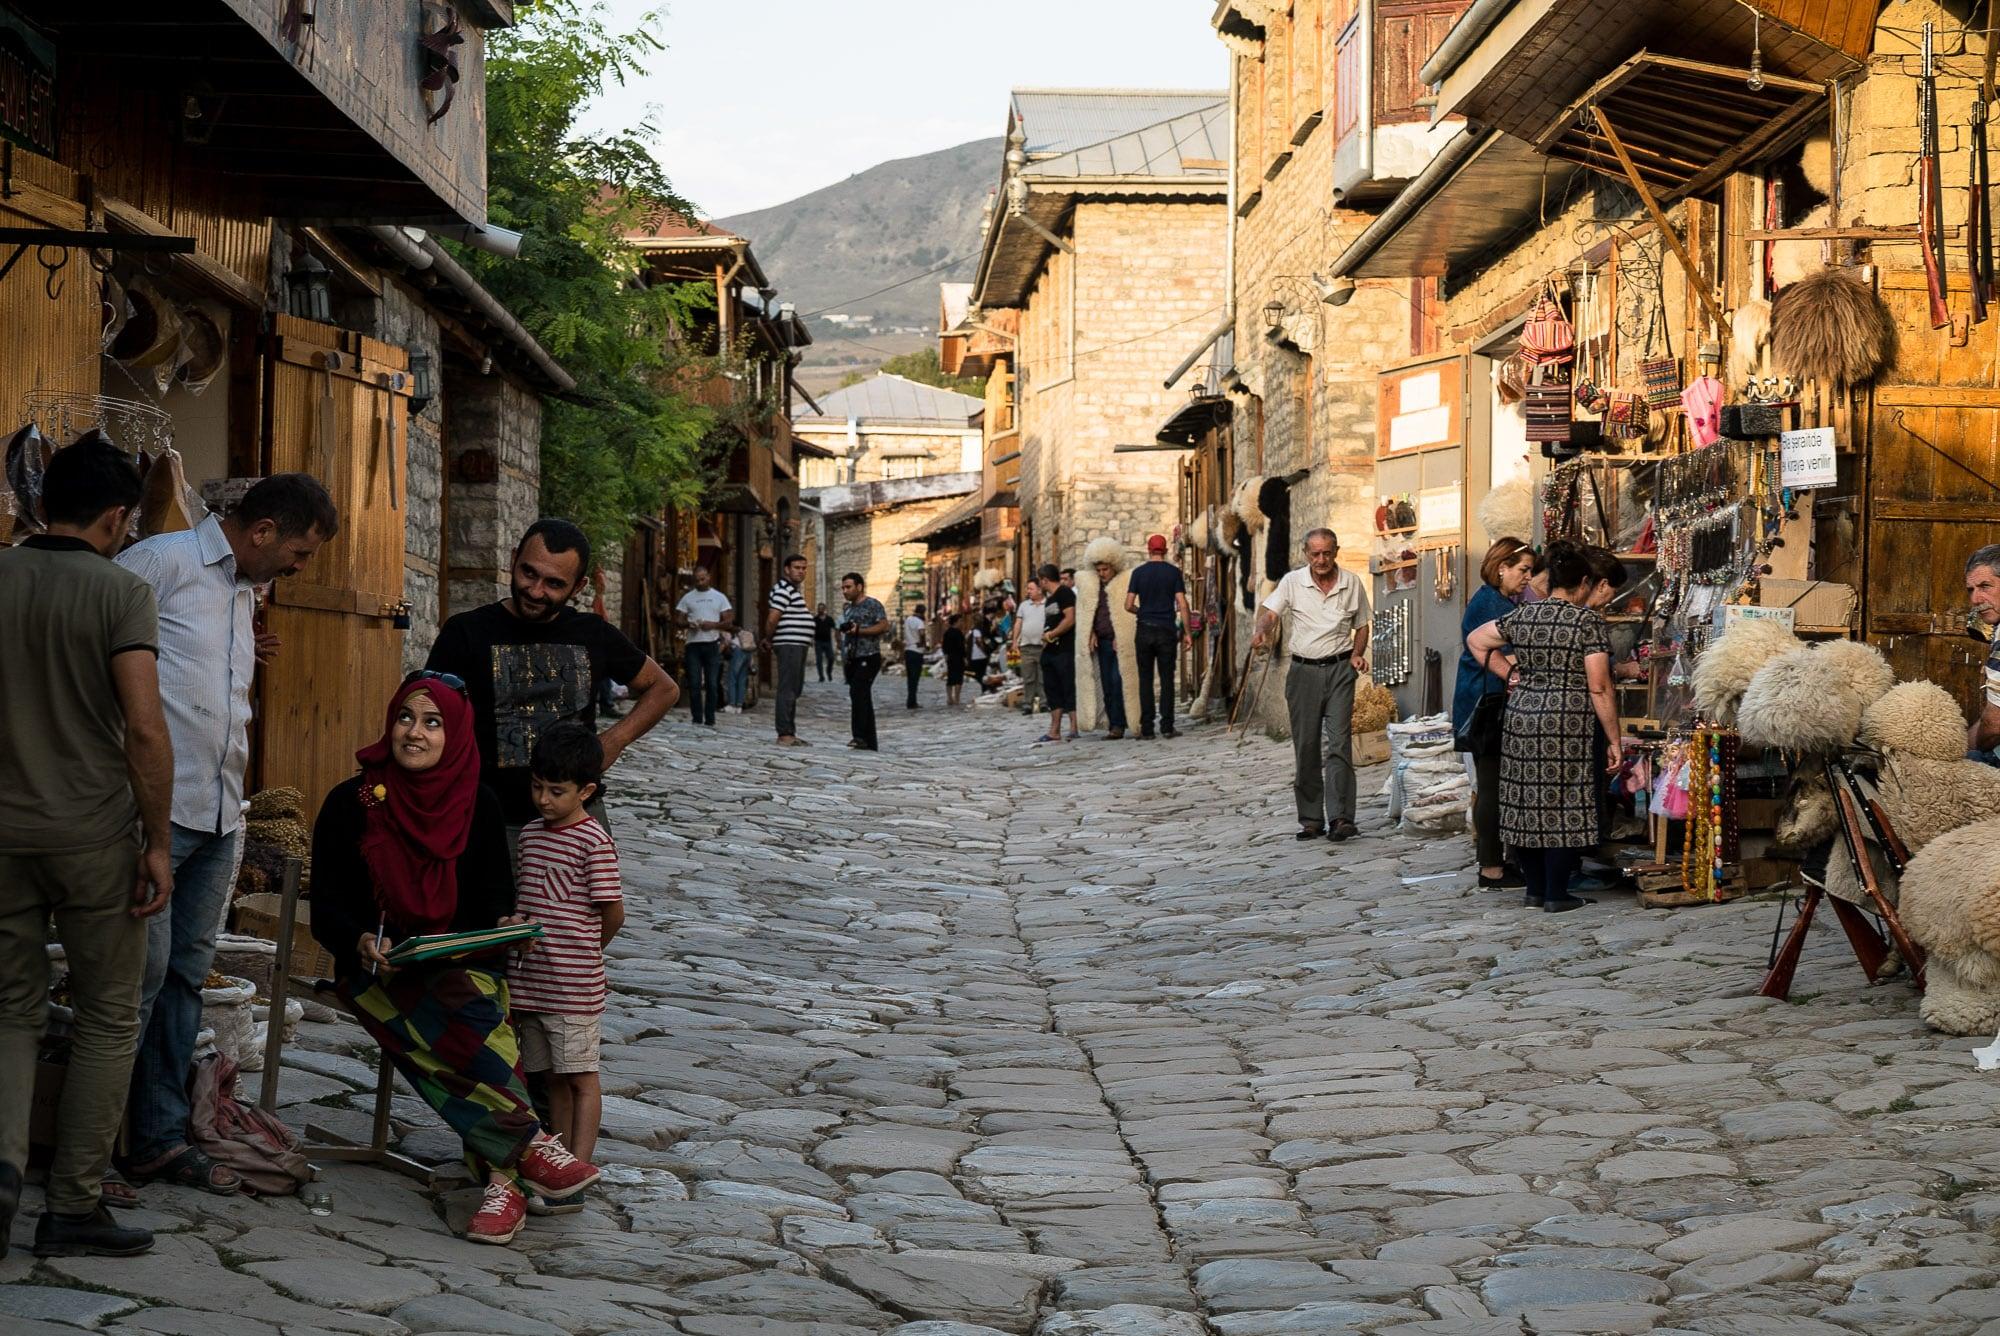 street in Lahij